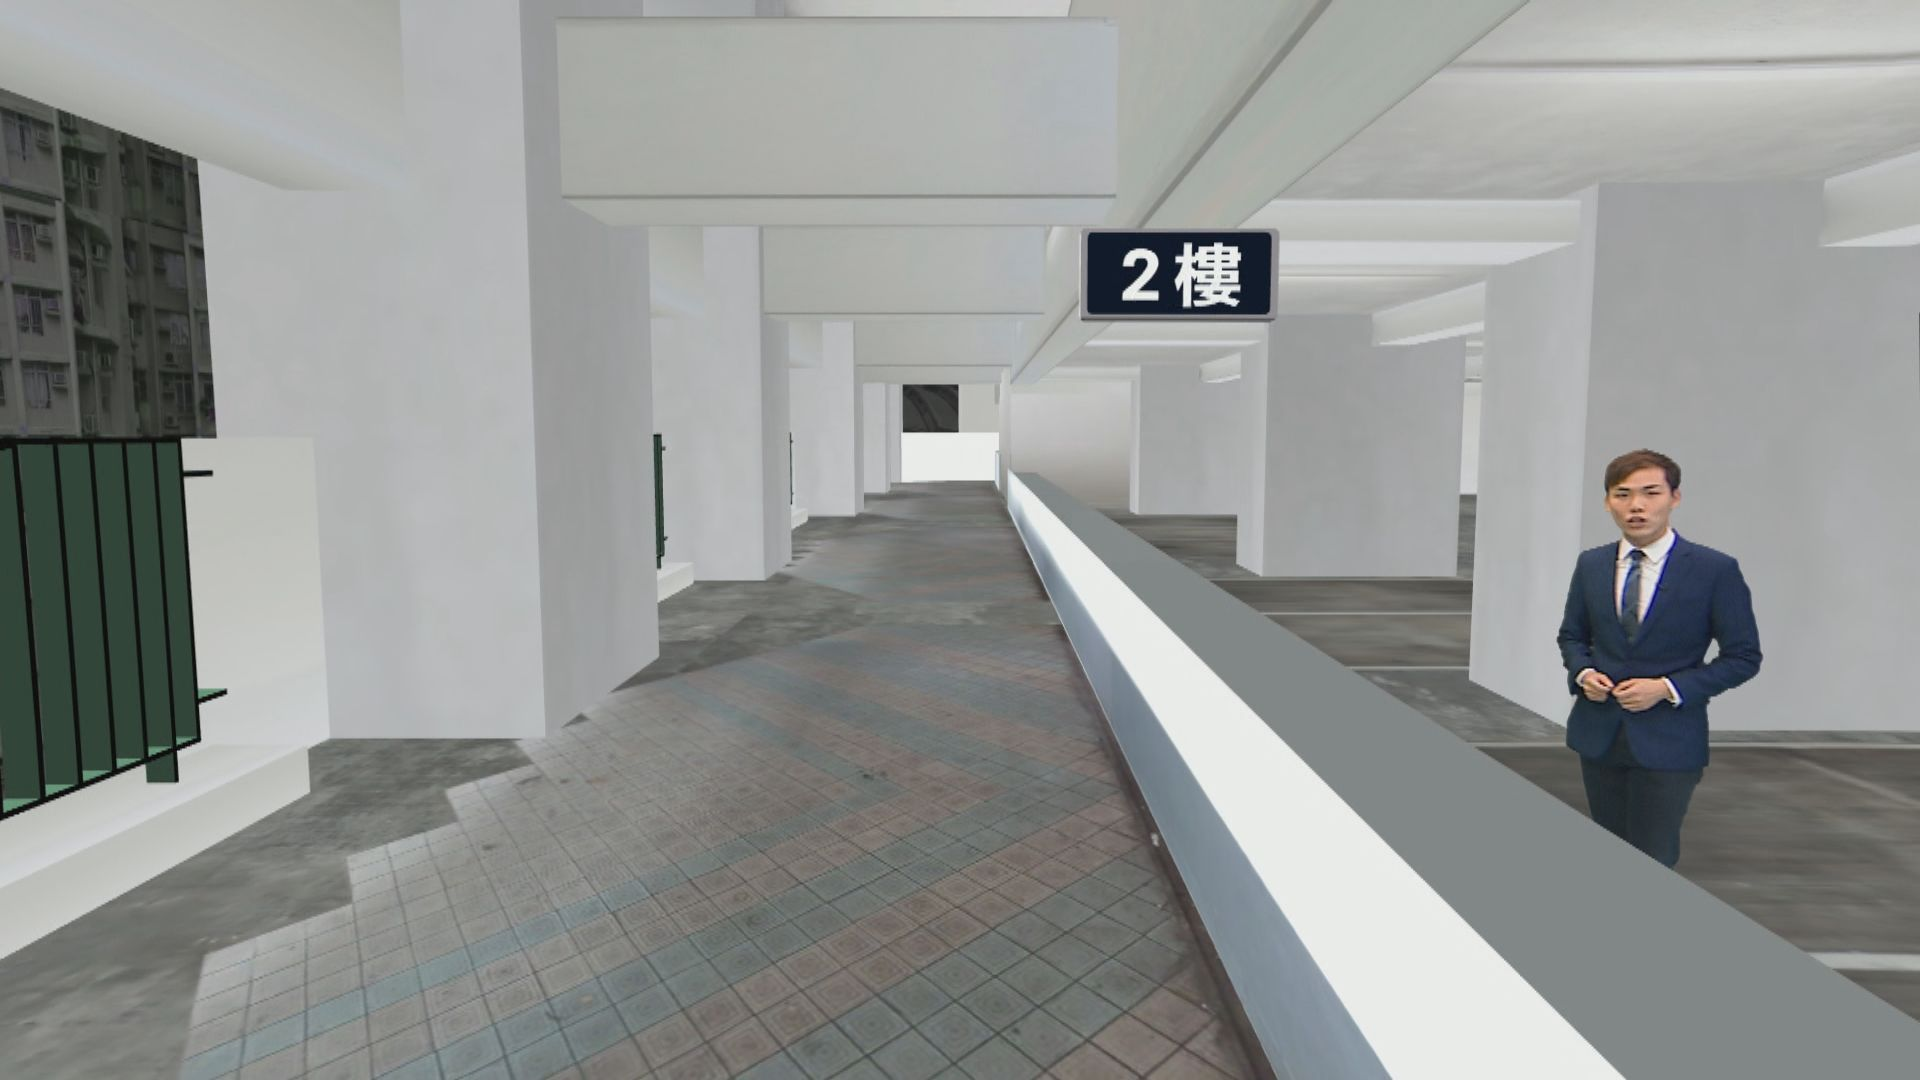 【整合26日研訊】周梓樂死因研訊今起引導陪審團